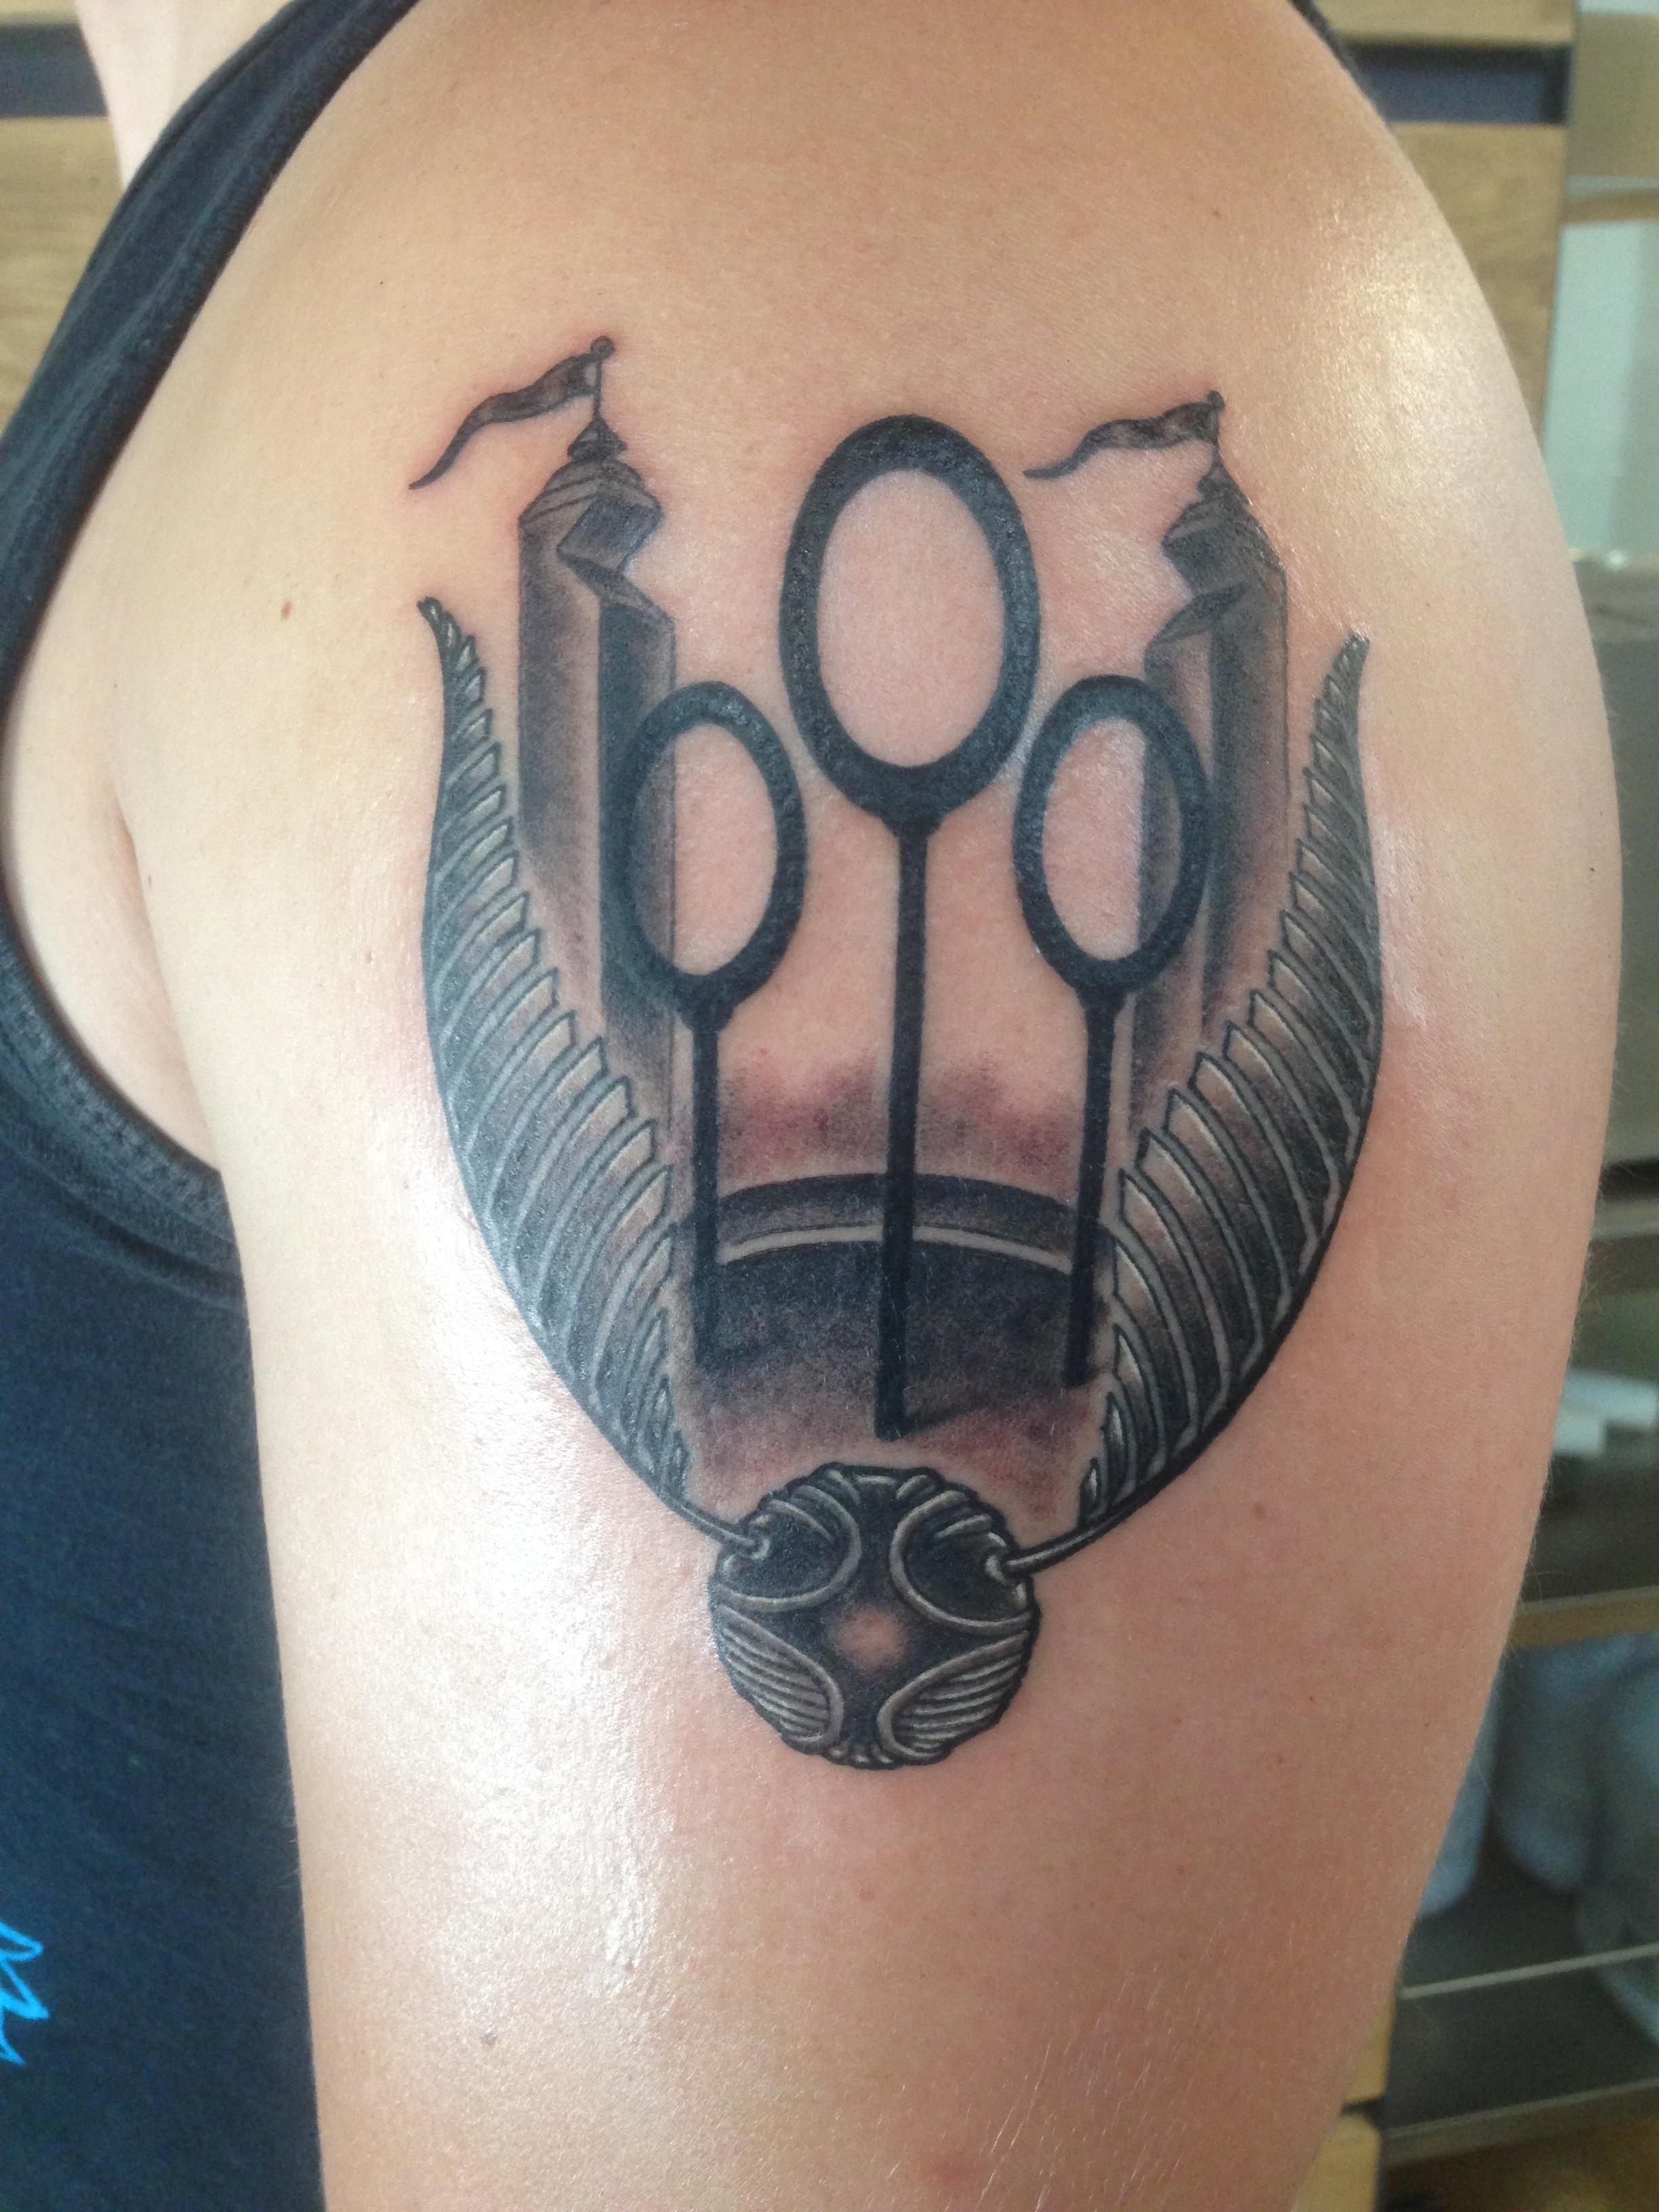 My Quidditch Tattoo By Jake B At Golden Rule Tattoo Phoenix Az